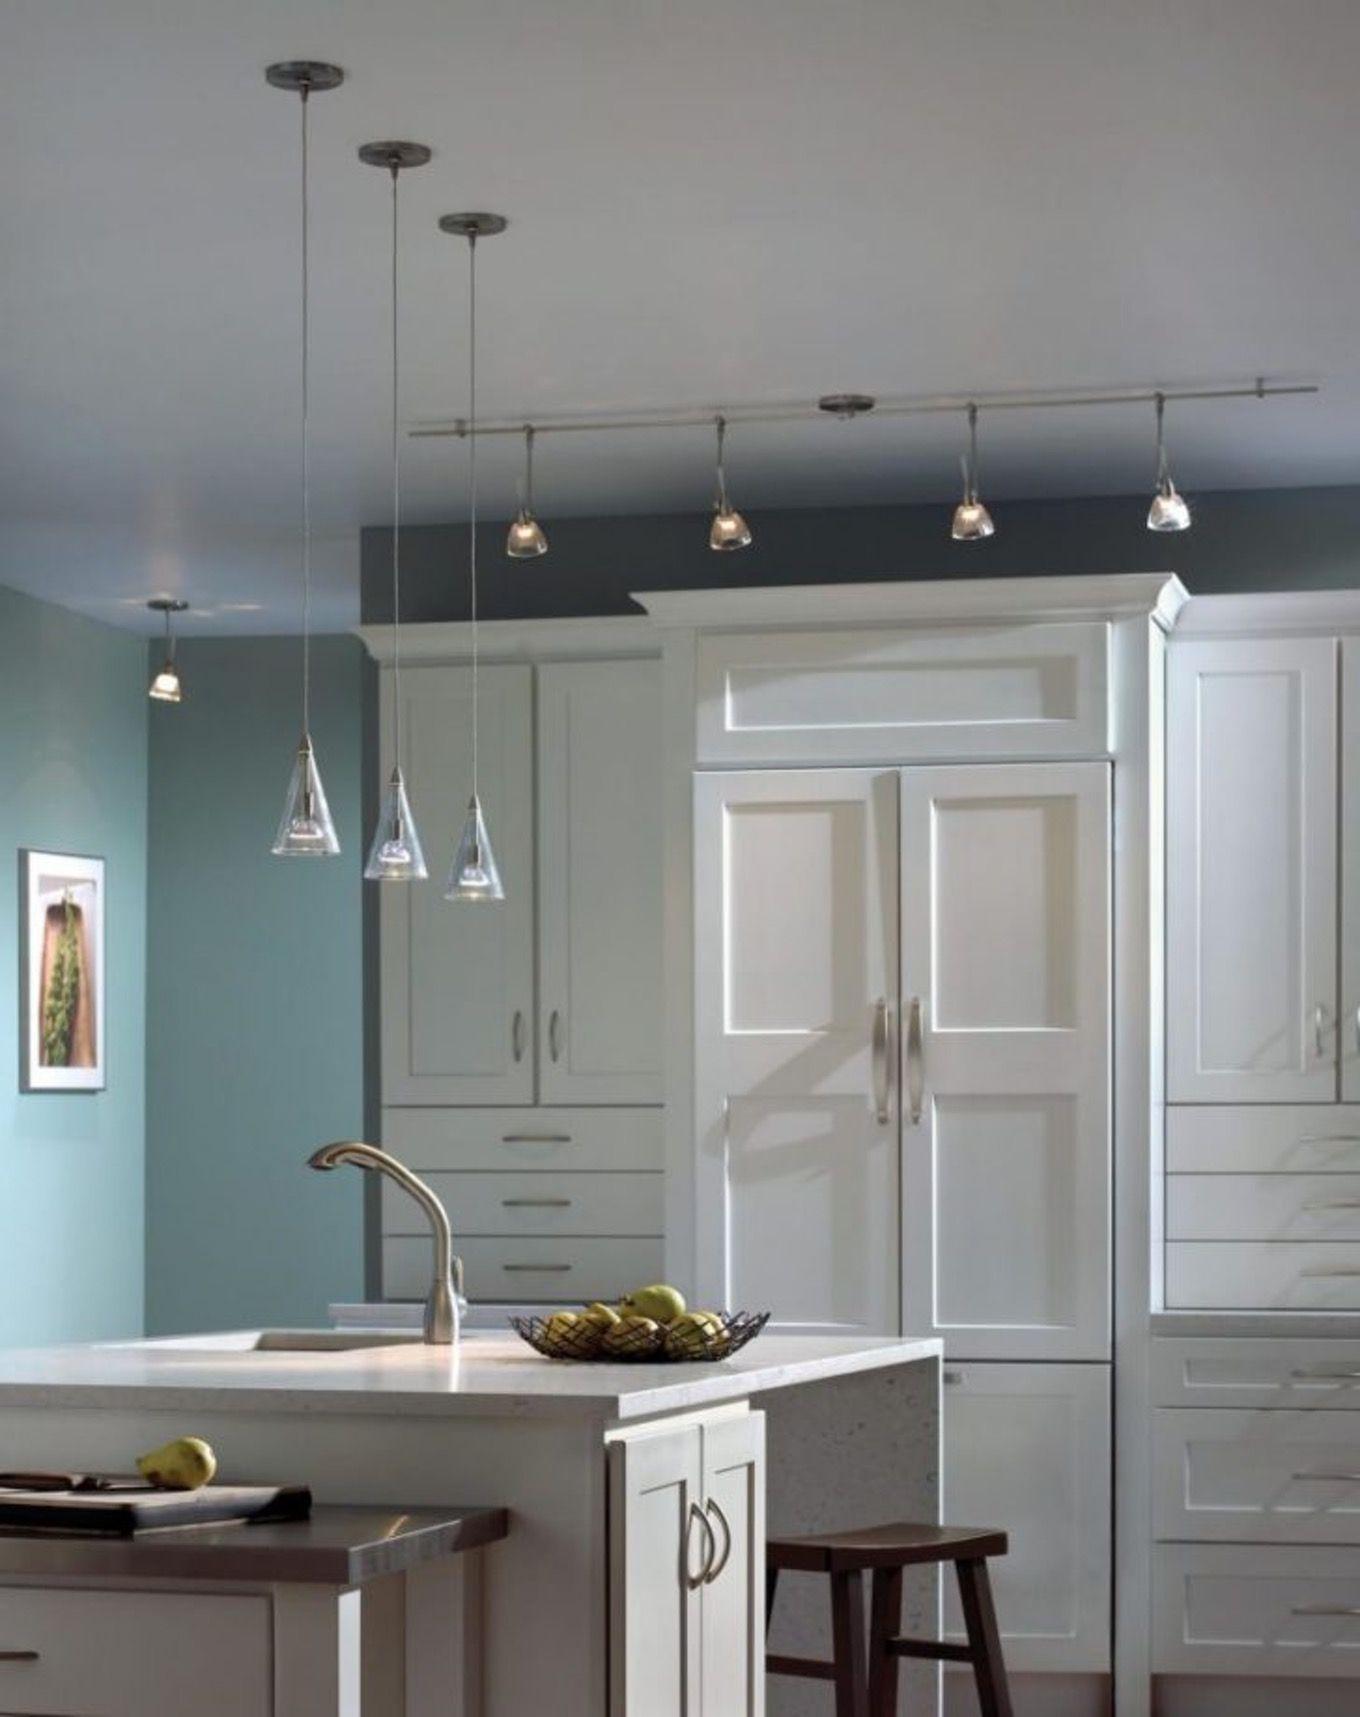 Atemberaubend Kücheninsel Lagerung Fotos - Ideen Für Die Küche ...